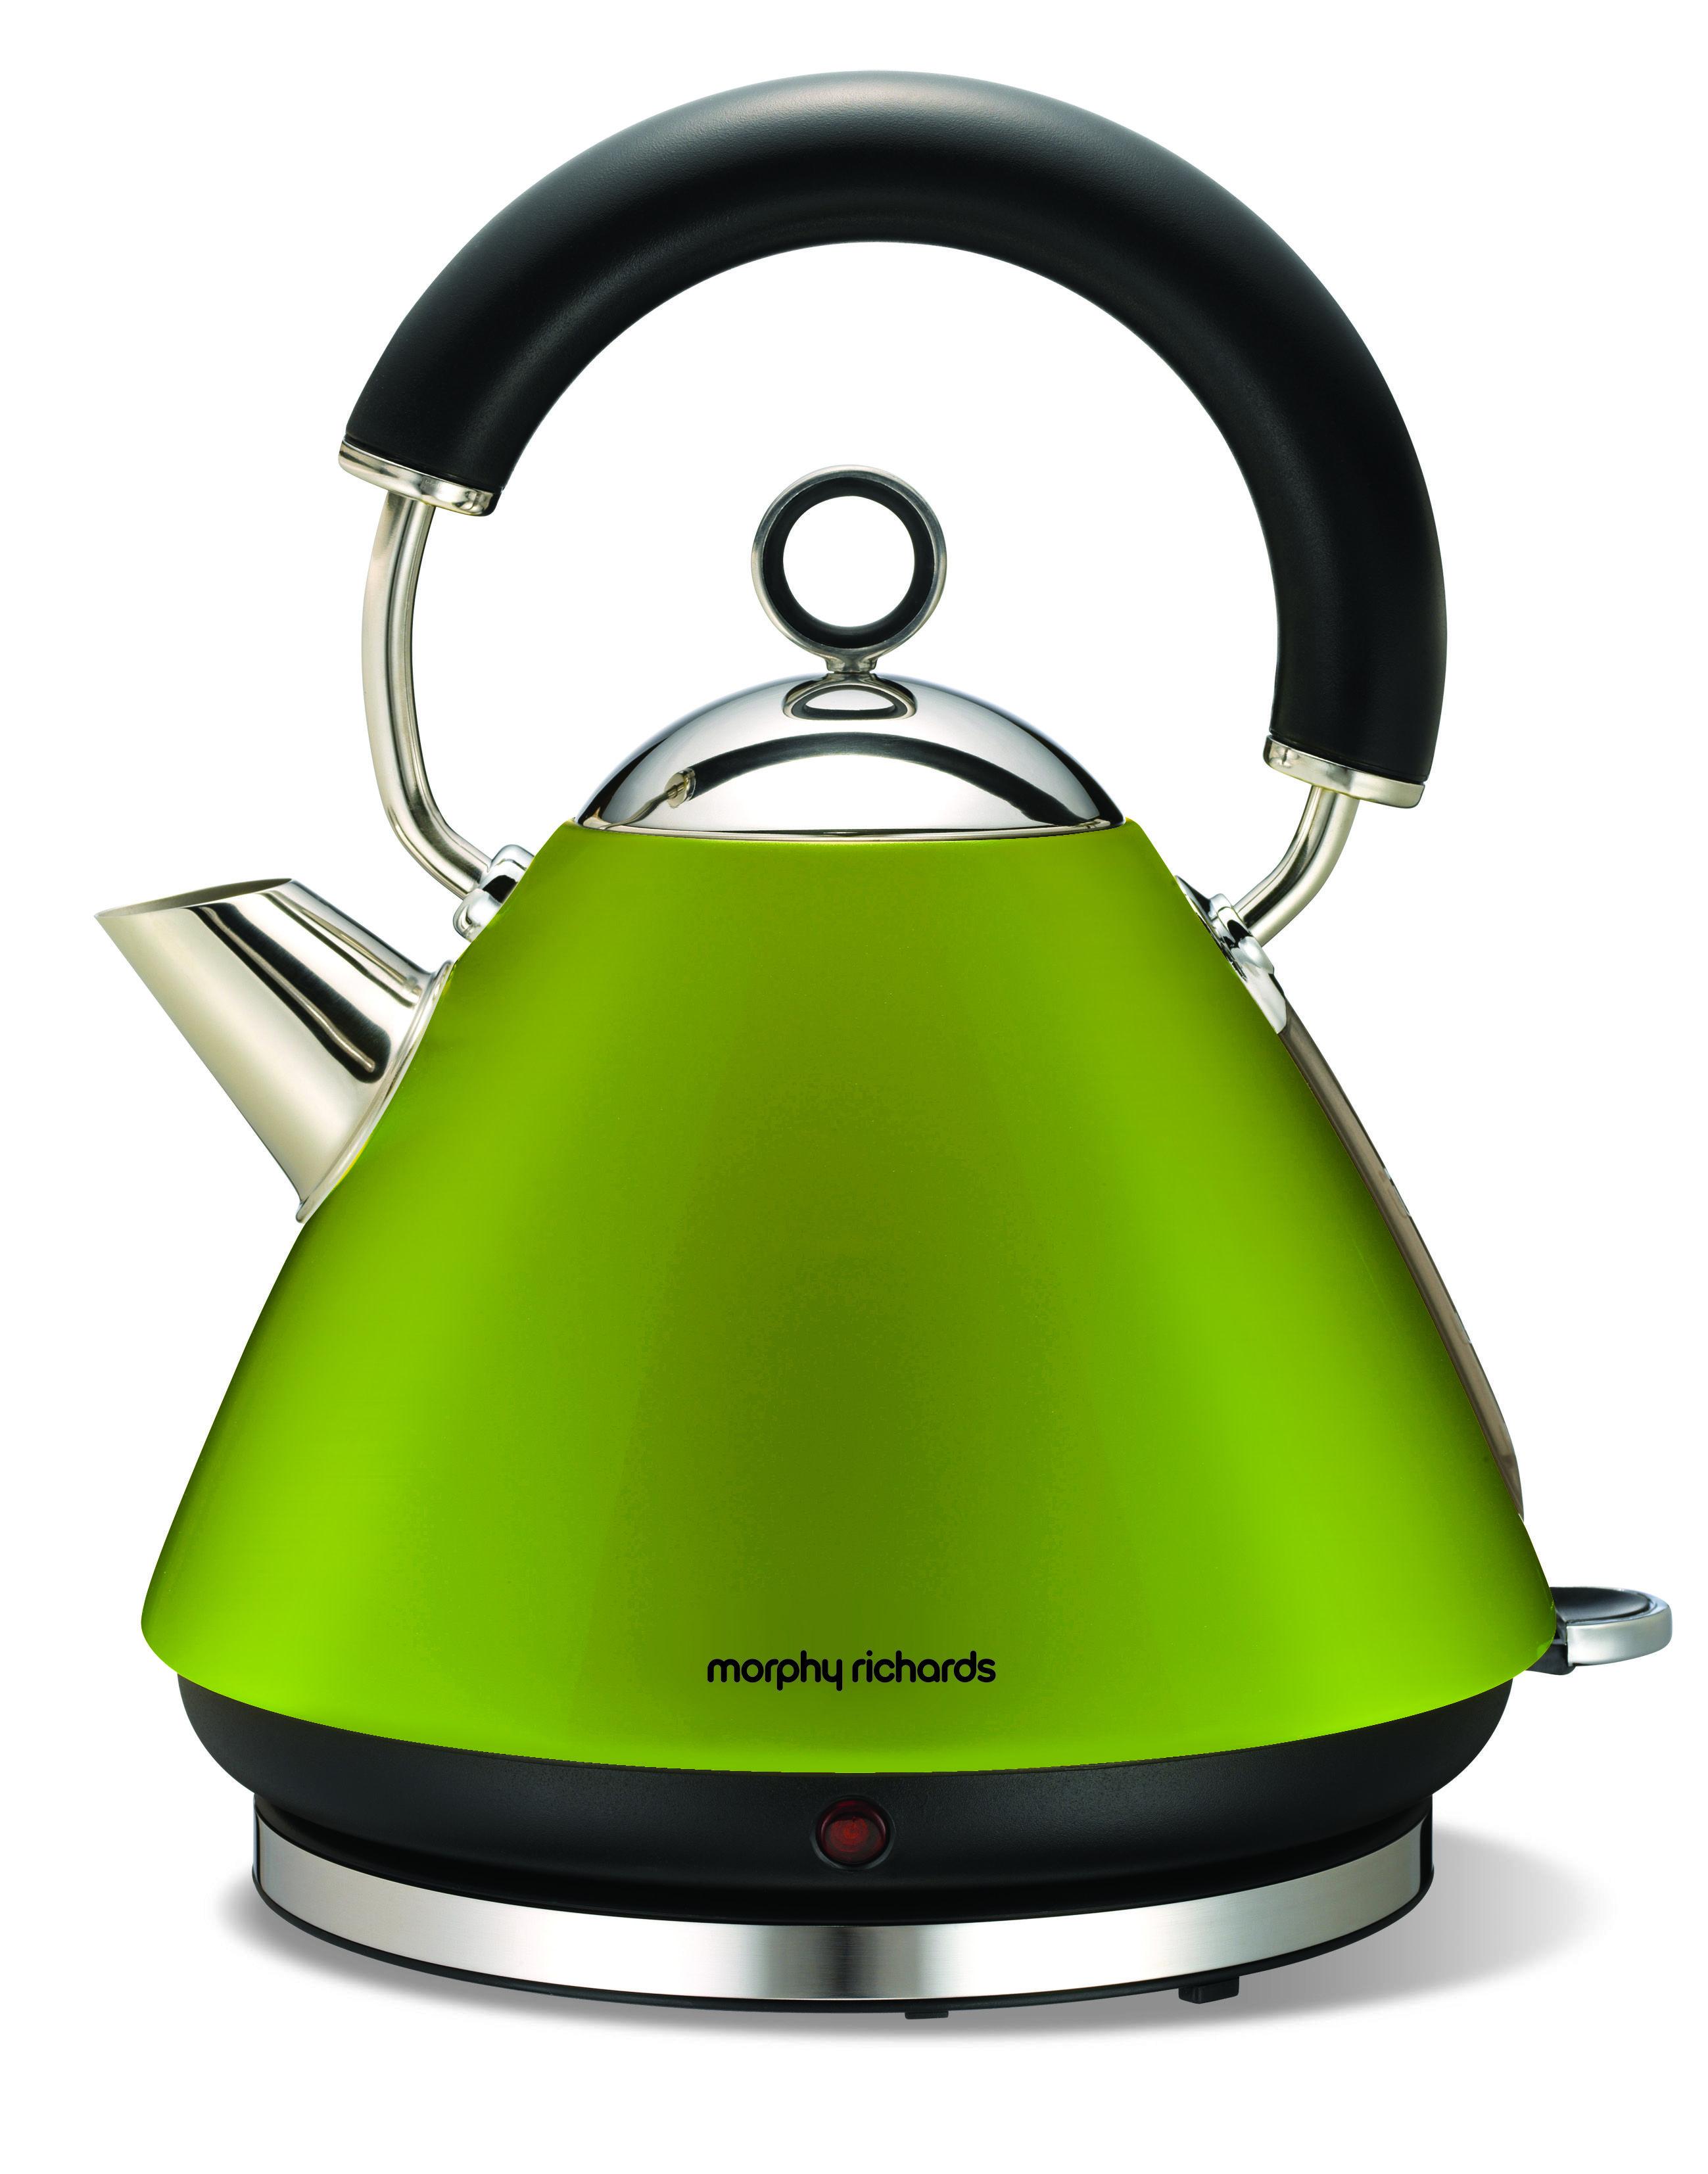 Kettle Green Domestic Appliancesgreen Kitchentoastergender